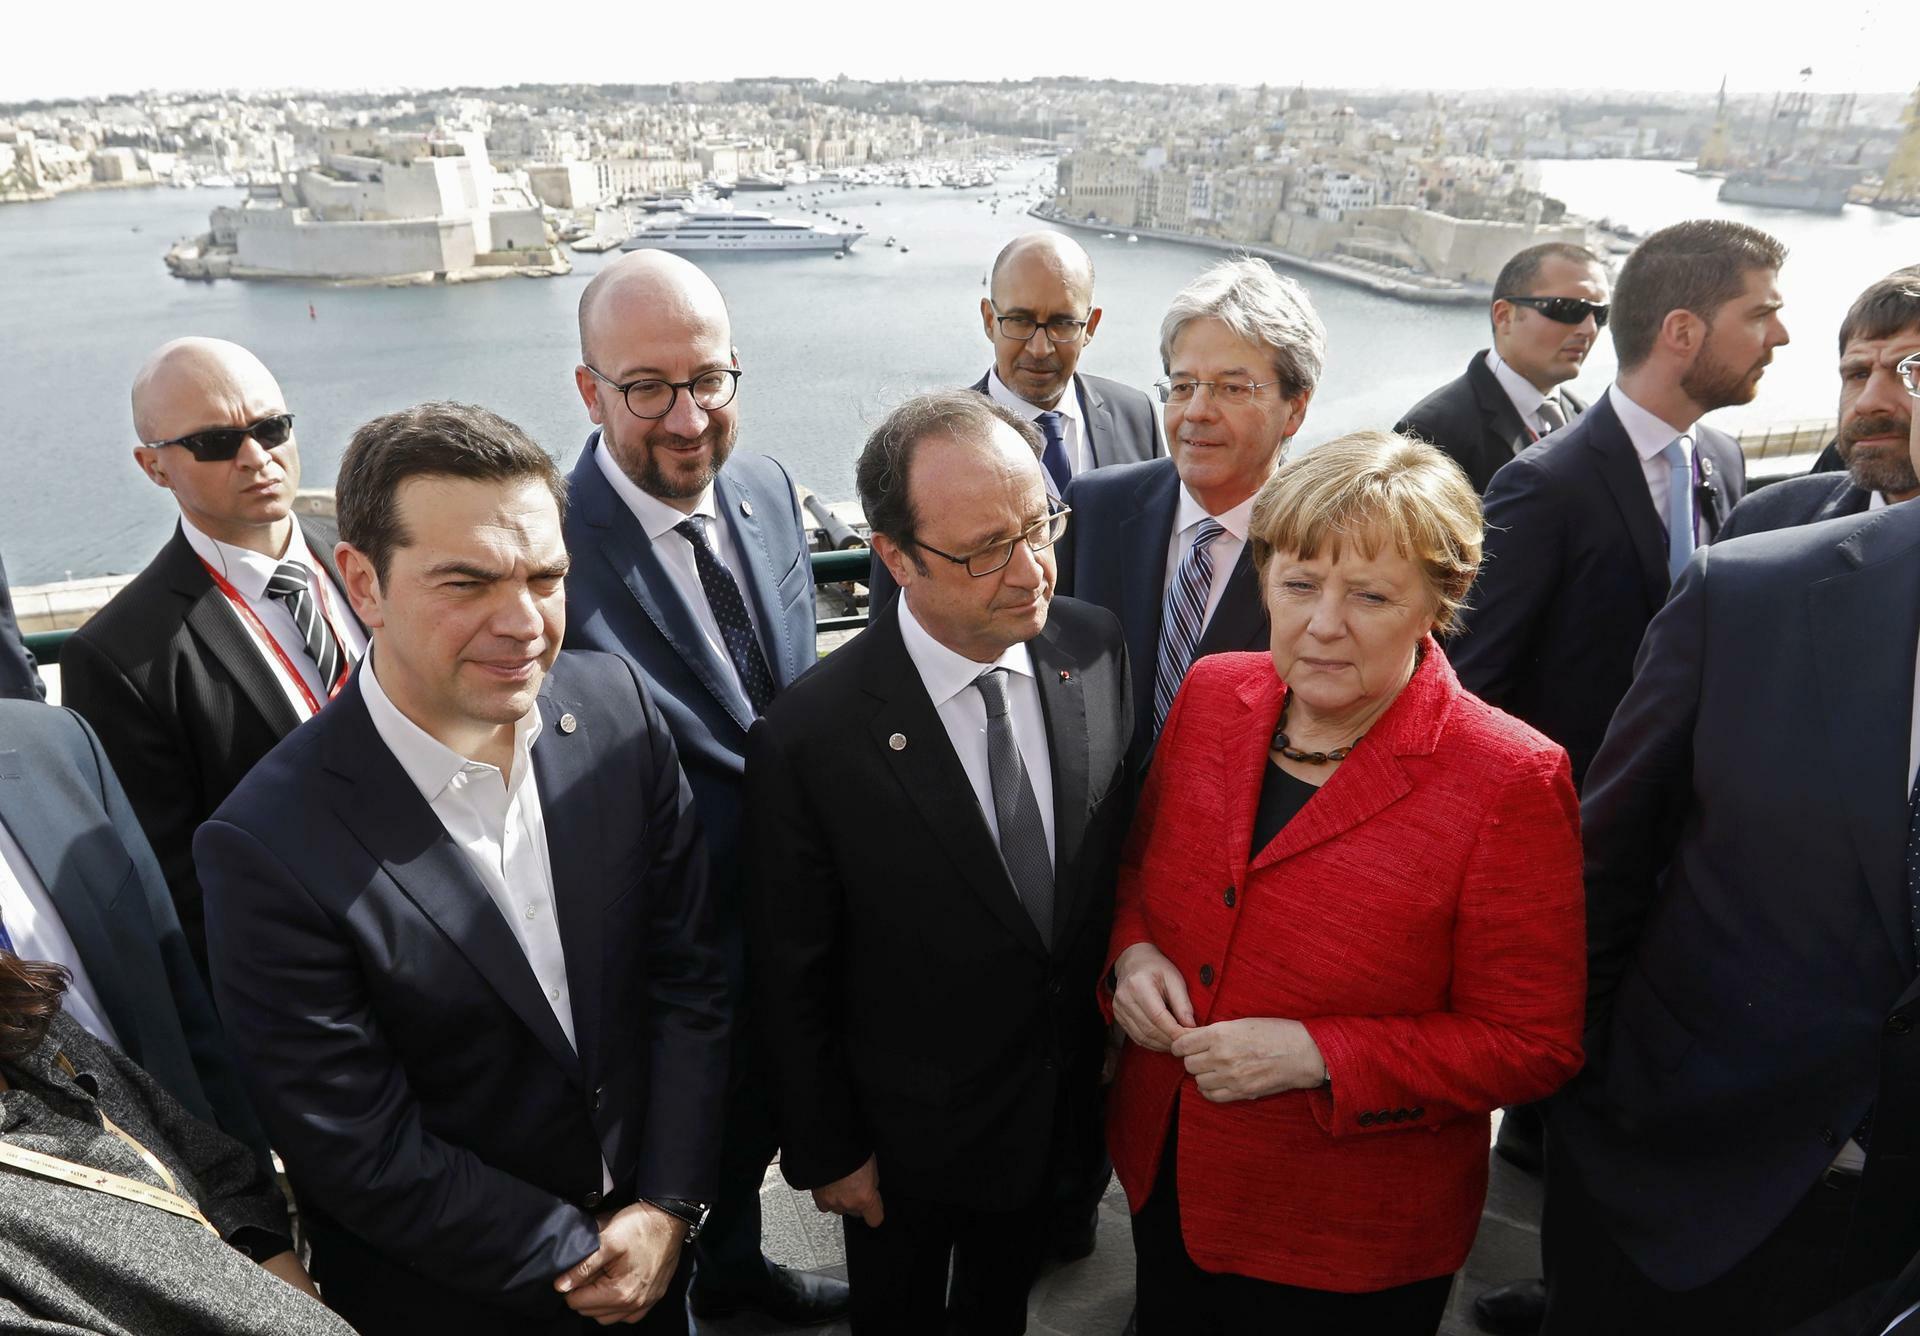 Gipfel auf malta eu beschließt zehn punkte programm gegen migration